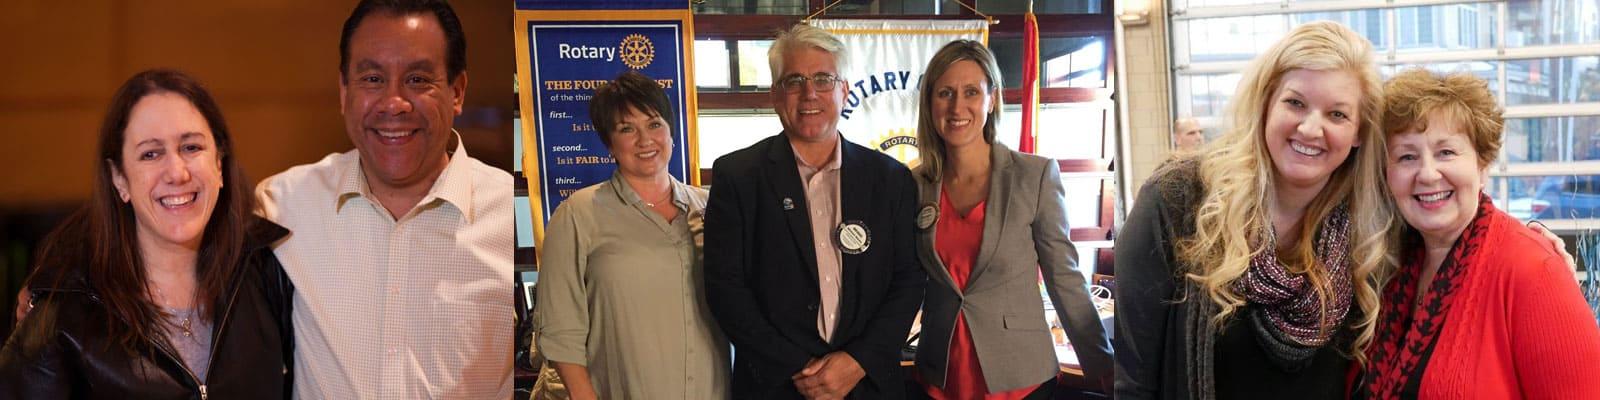 Puyallup South Hill Rotary Membership